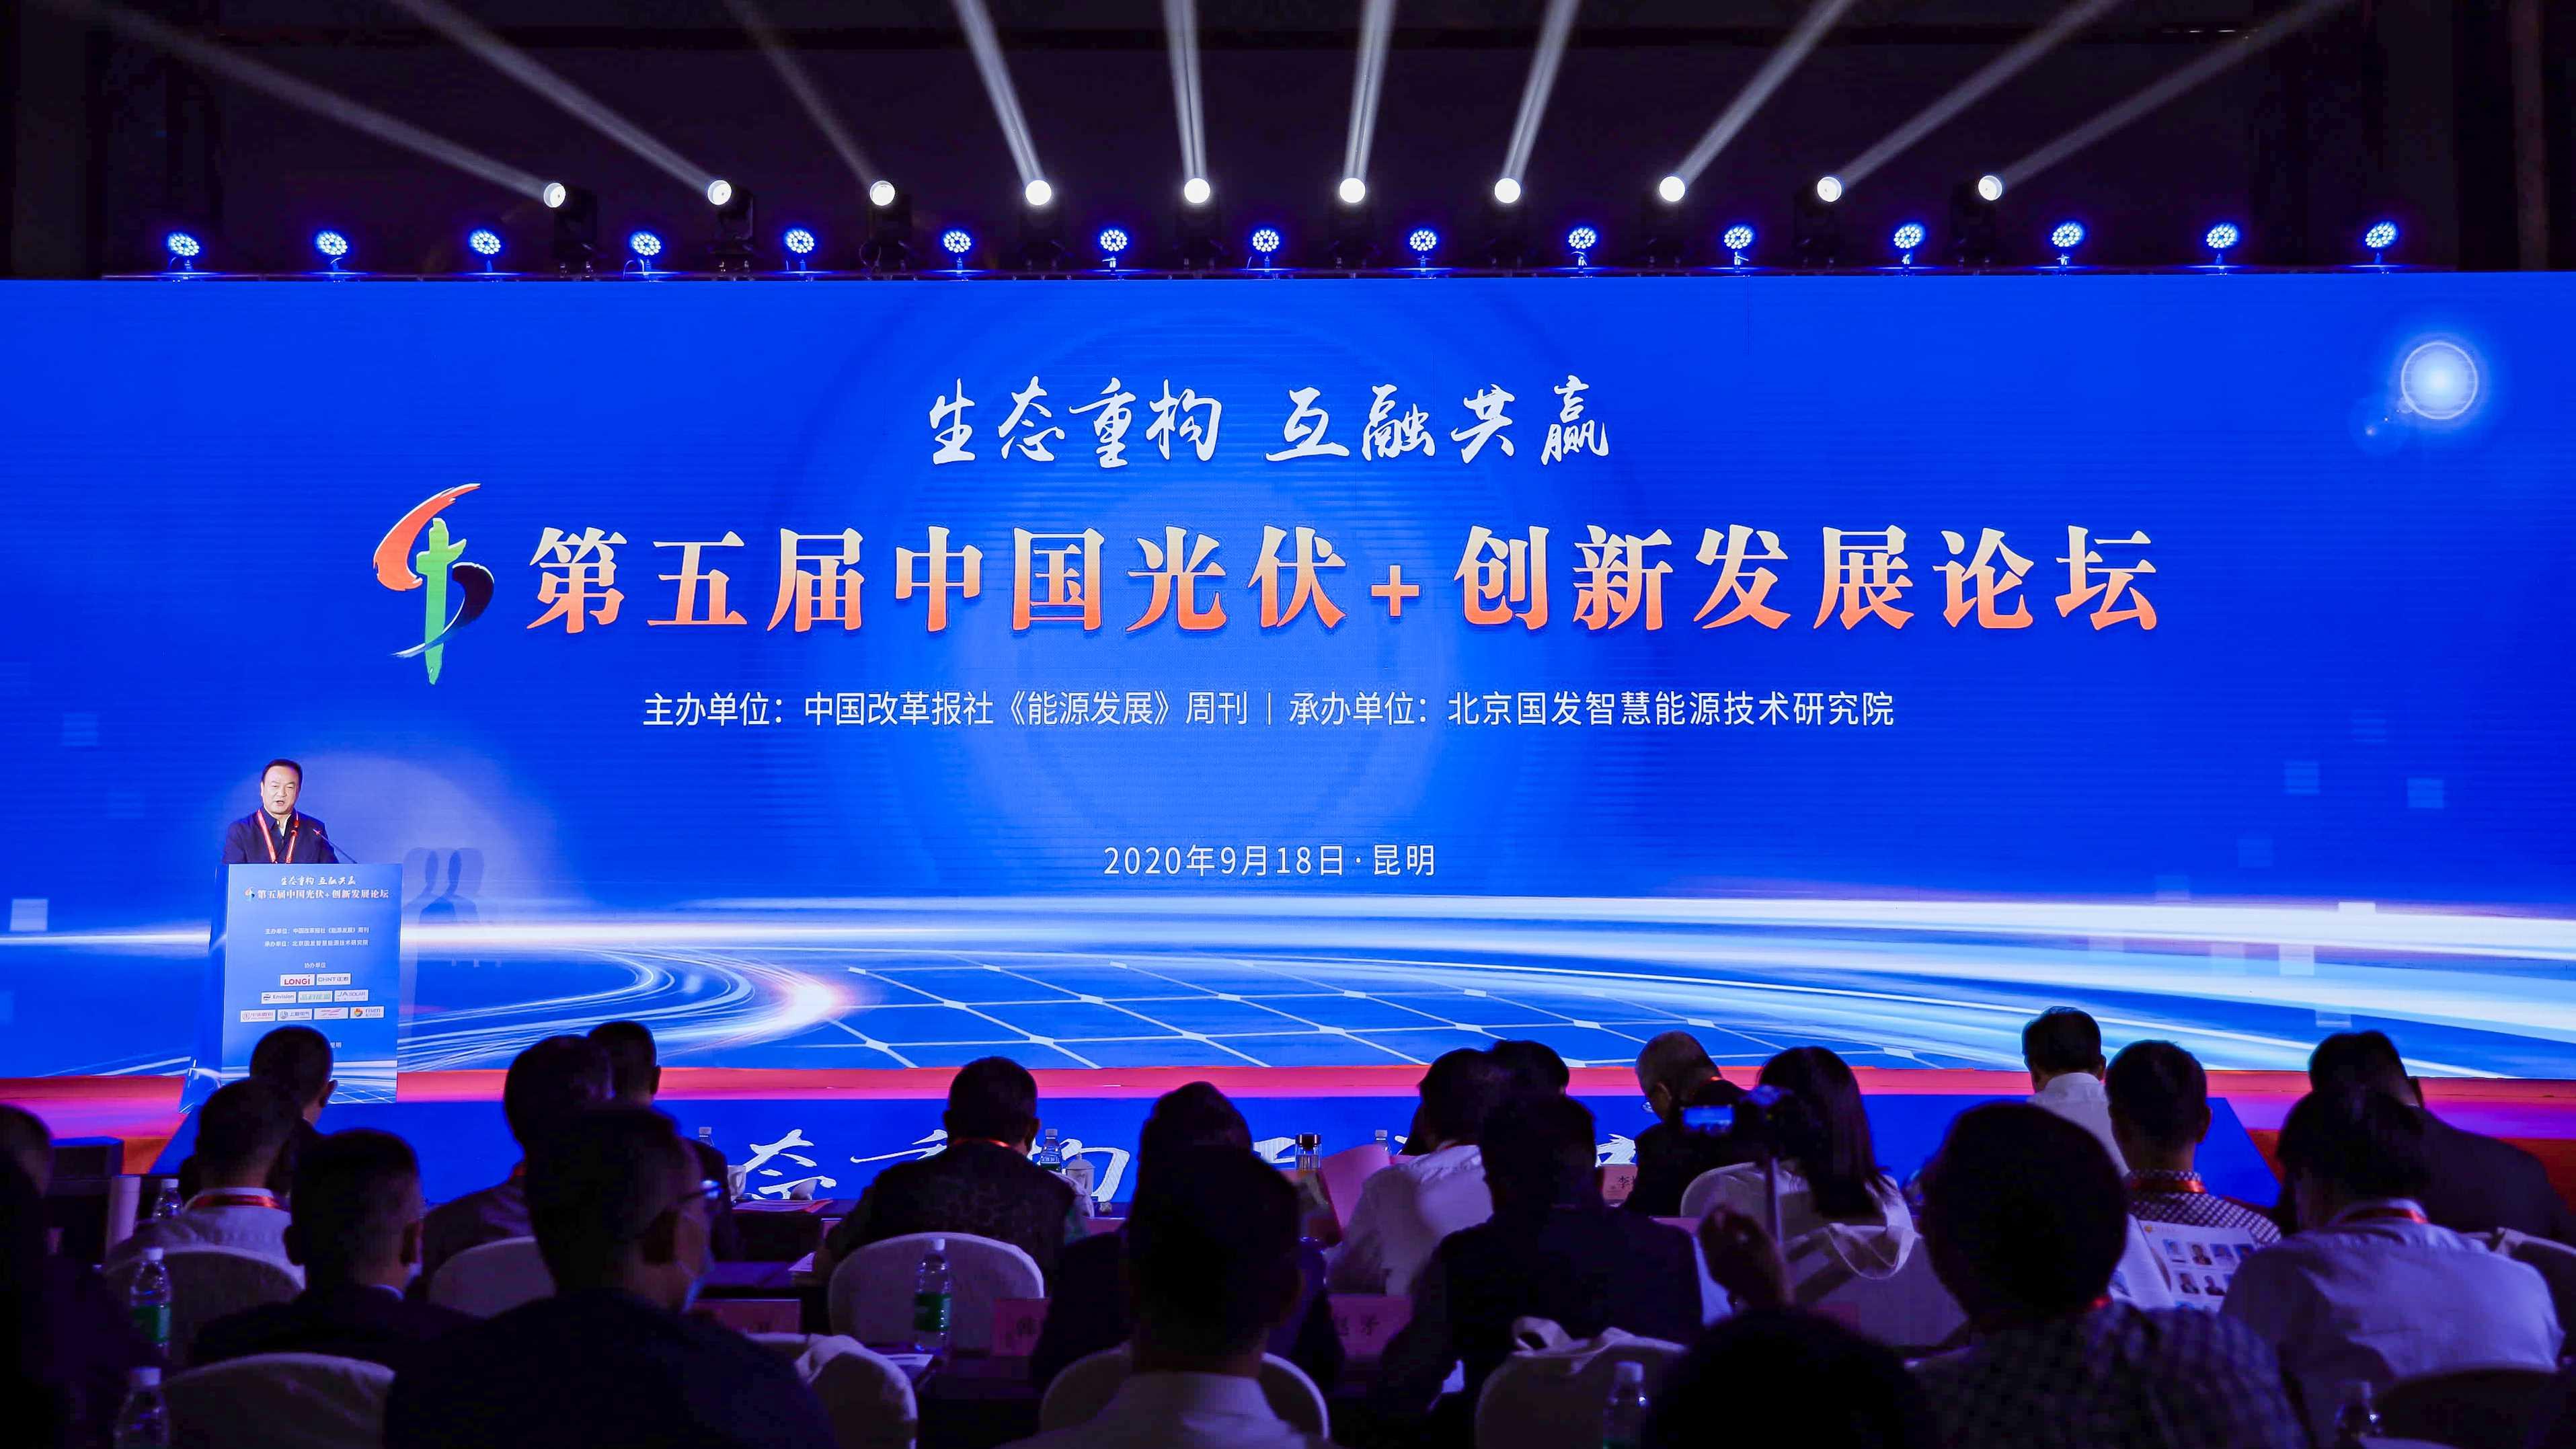 第五届中国光伏+创新发展论坛专题报道